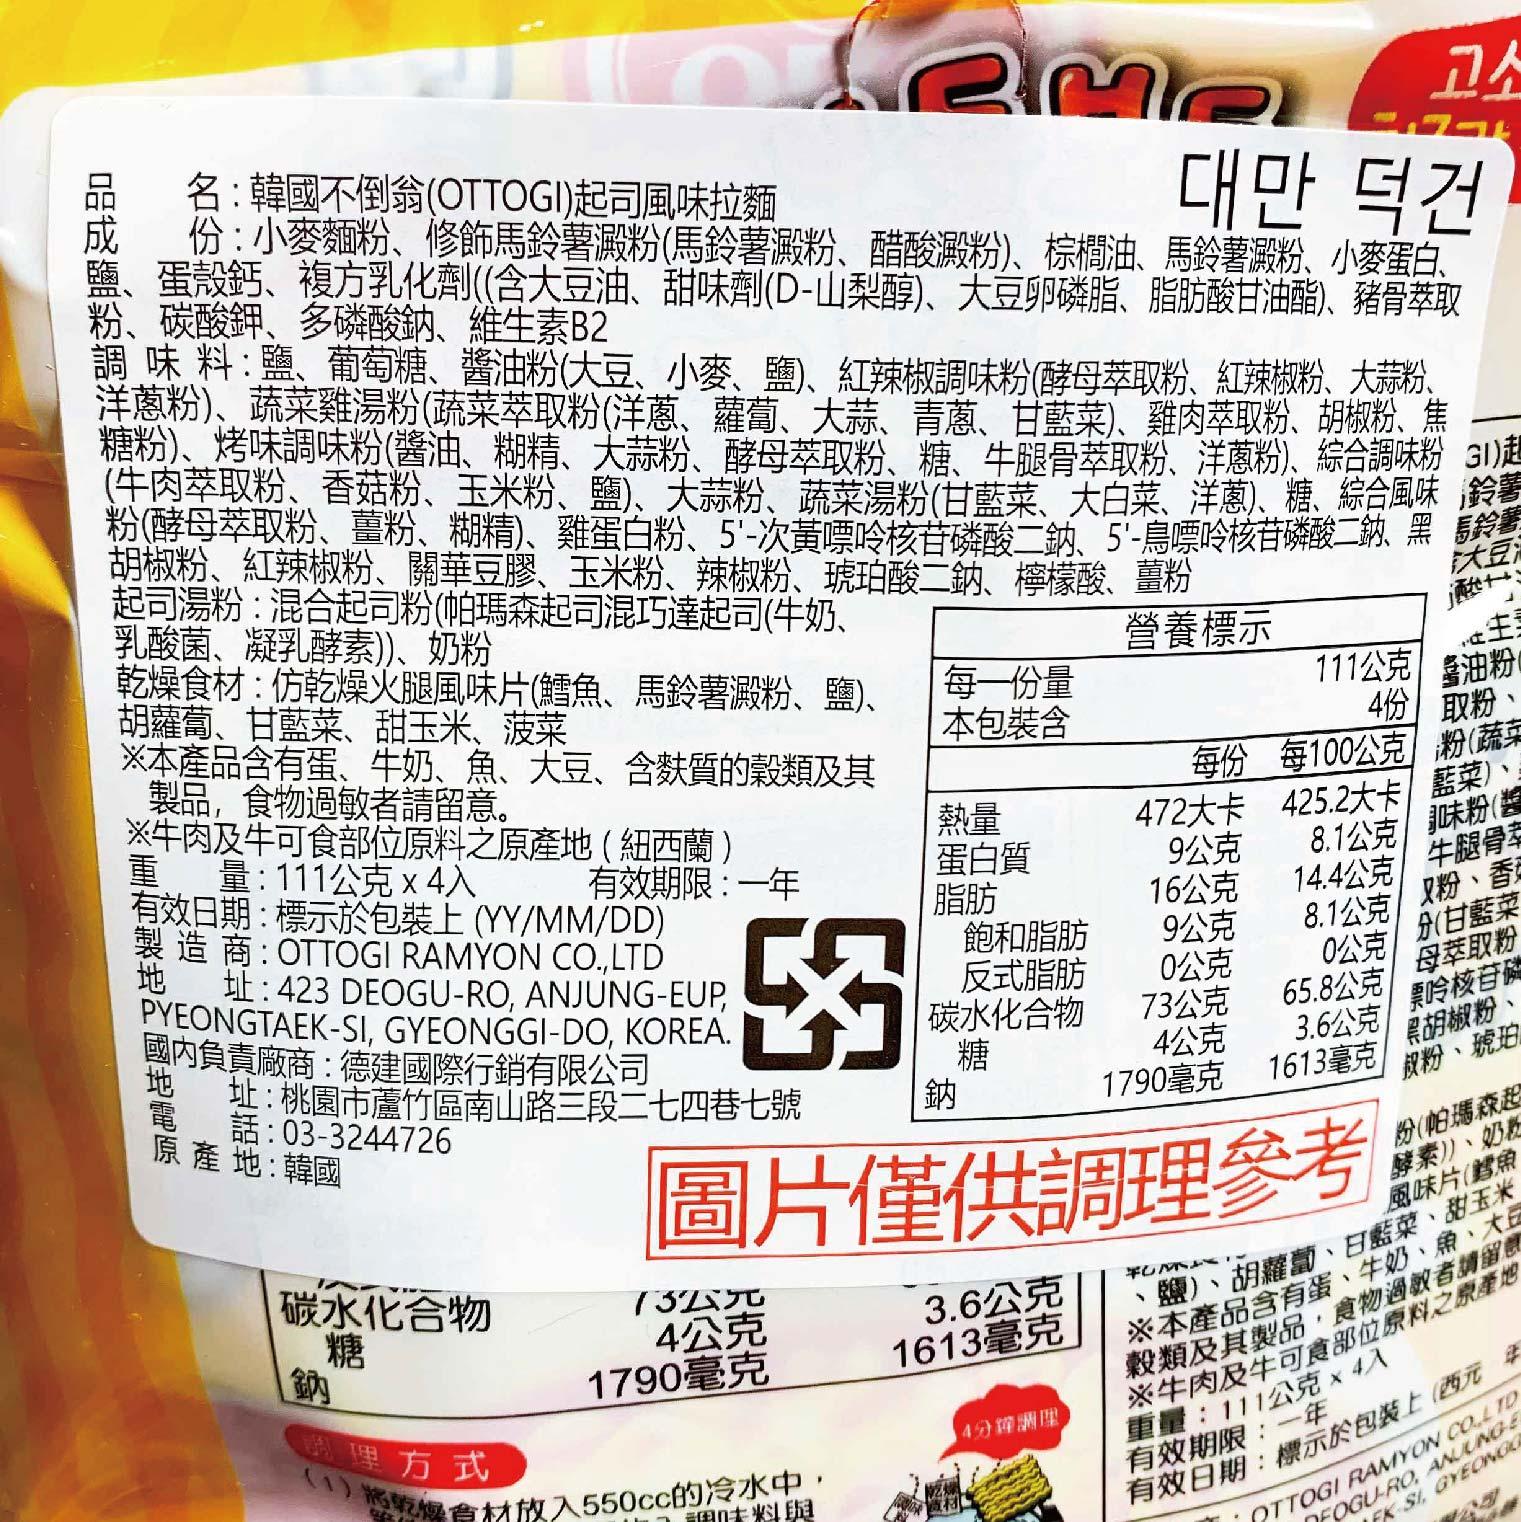 【晉元生鮮美食專賣店】不倒翁起司拉麵【四入】